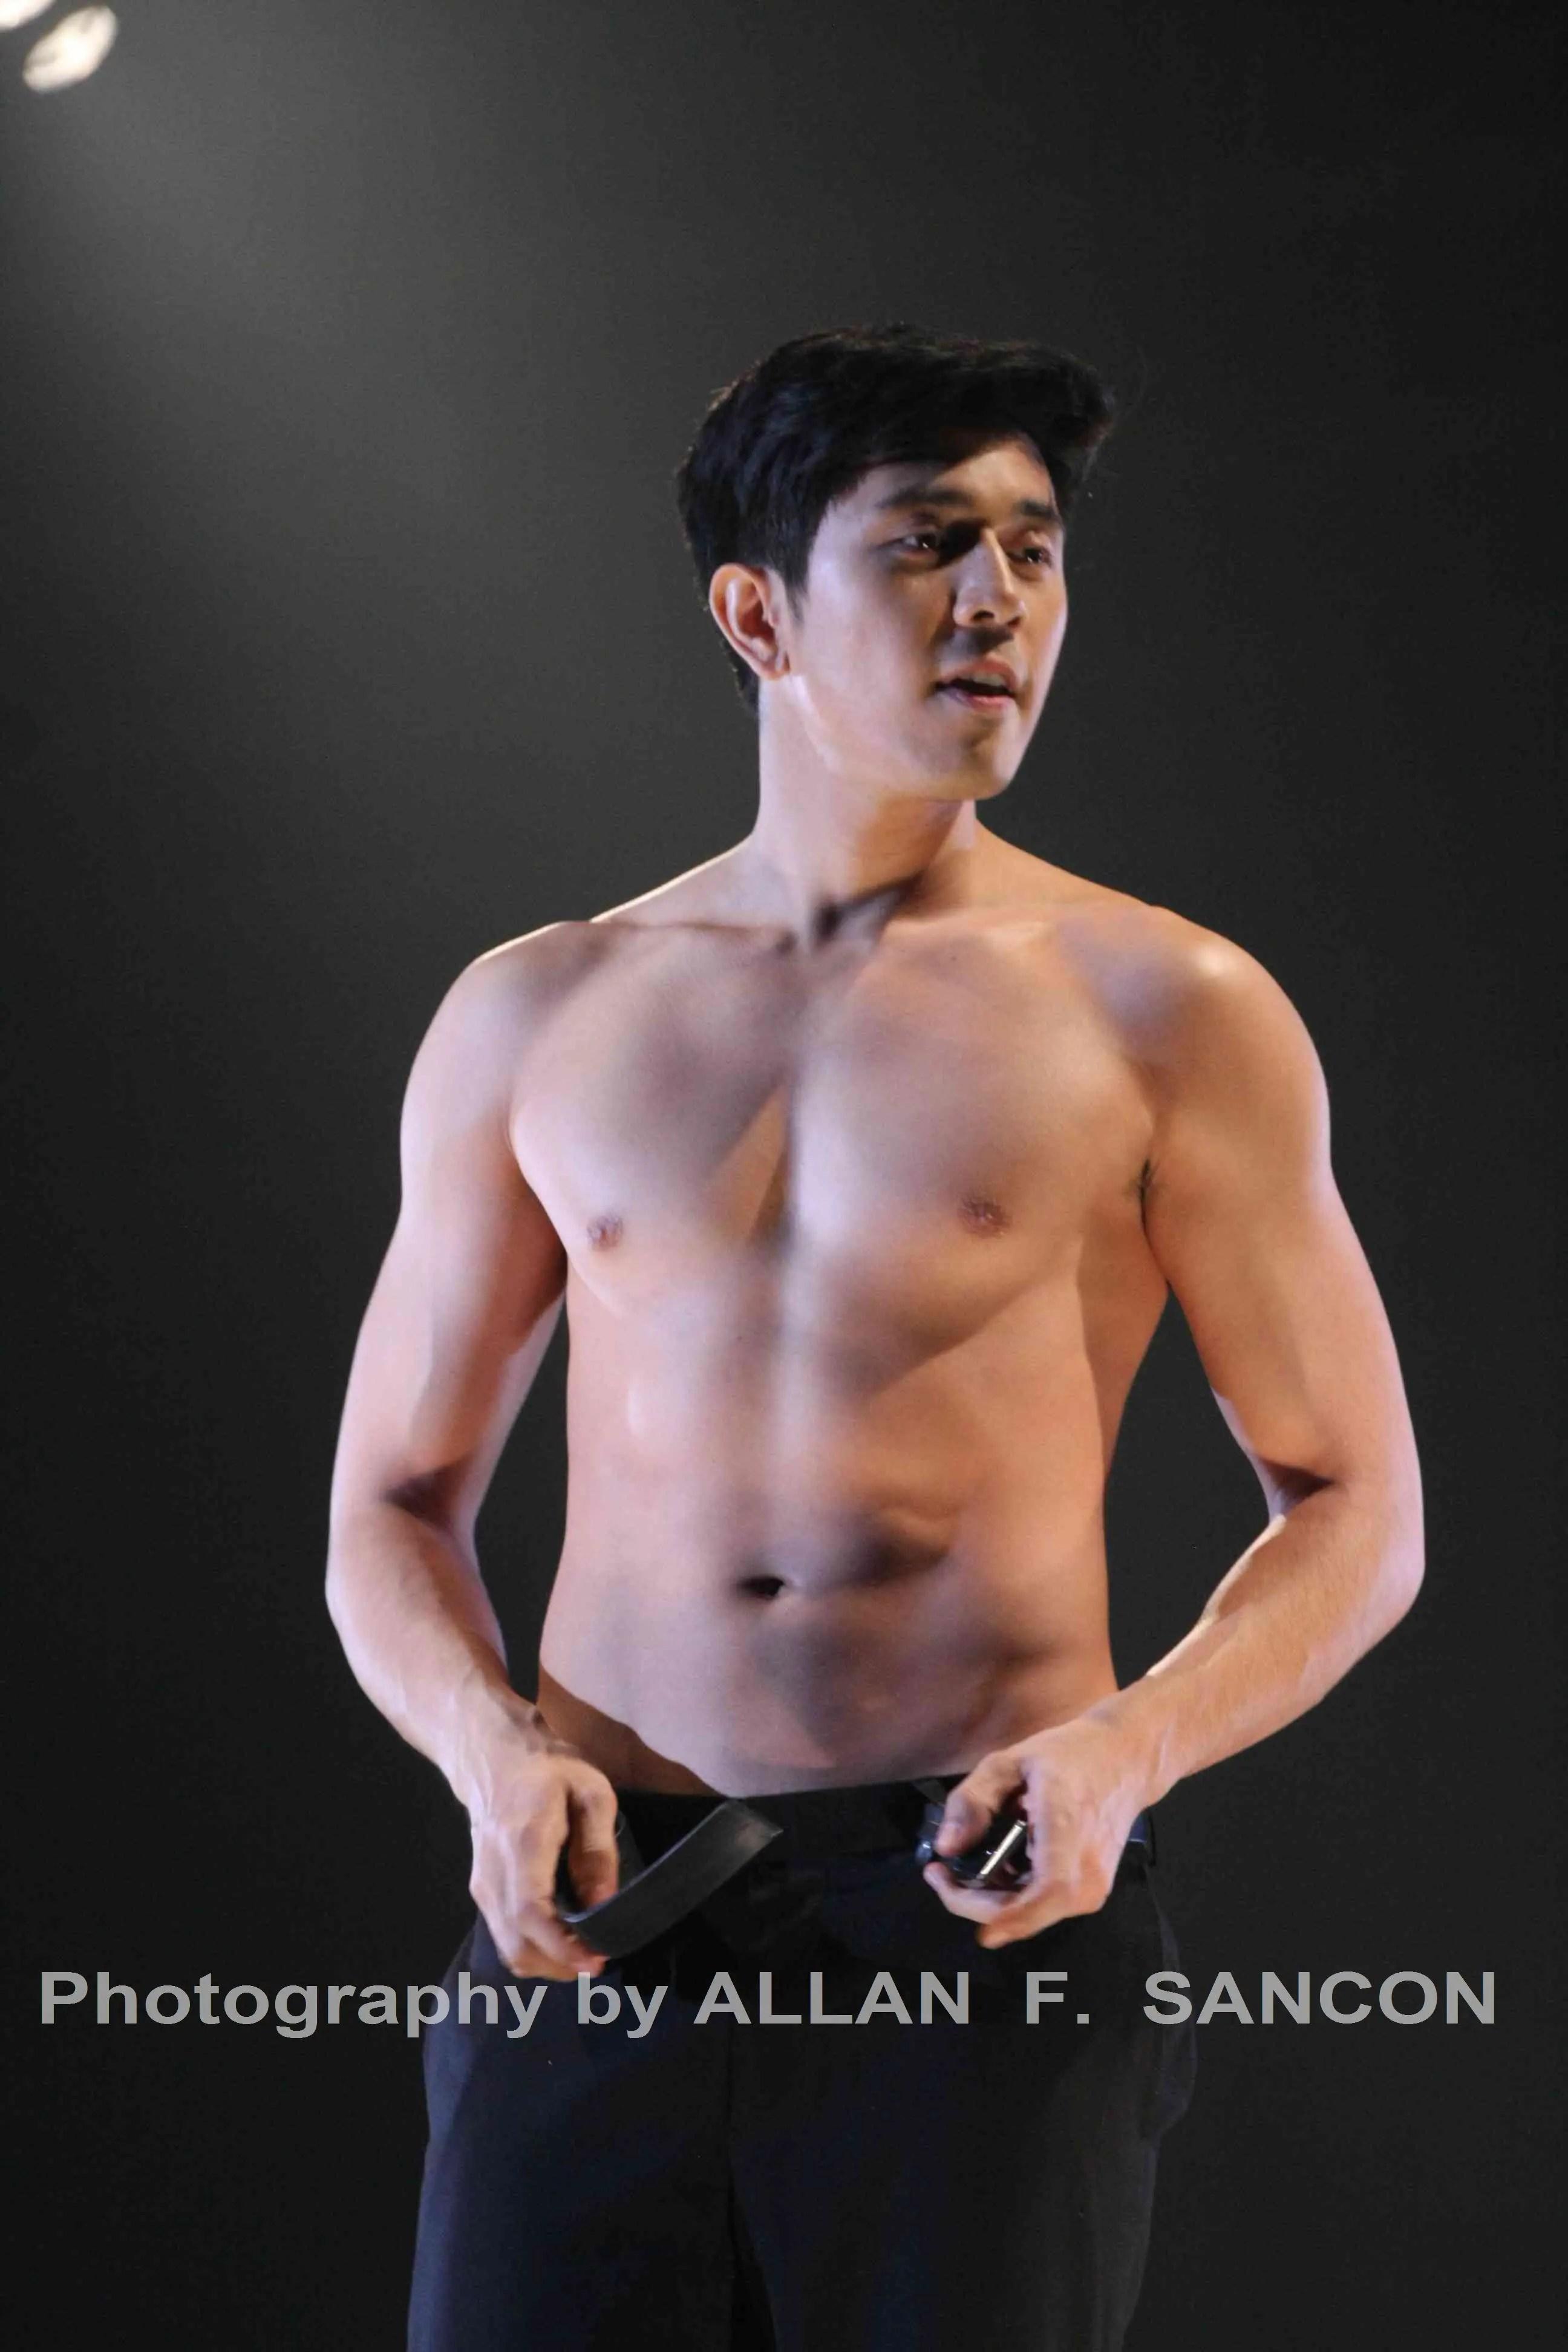 Pin on Asian Men #2